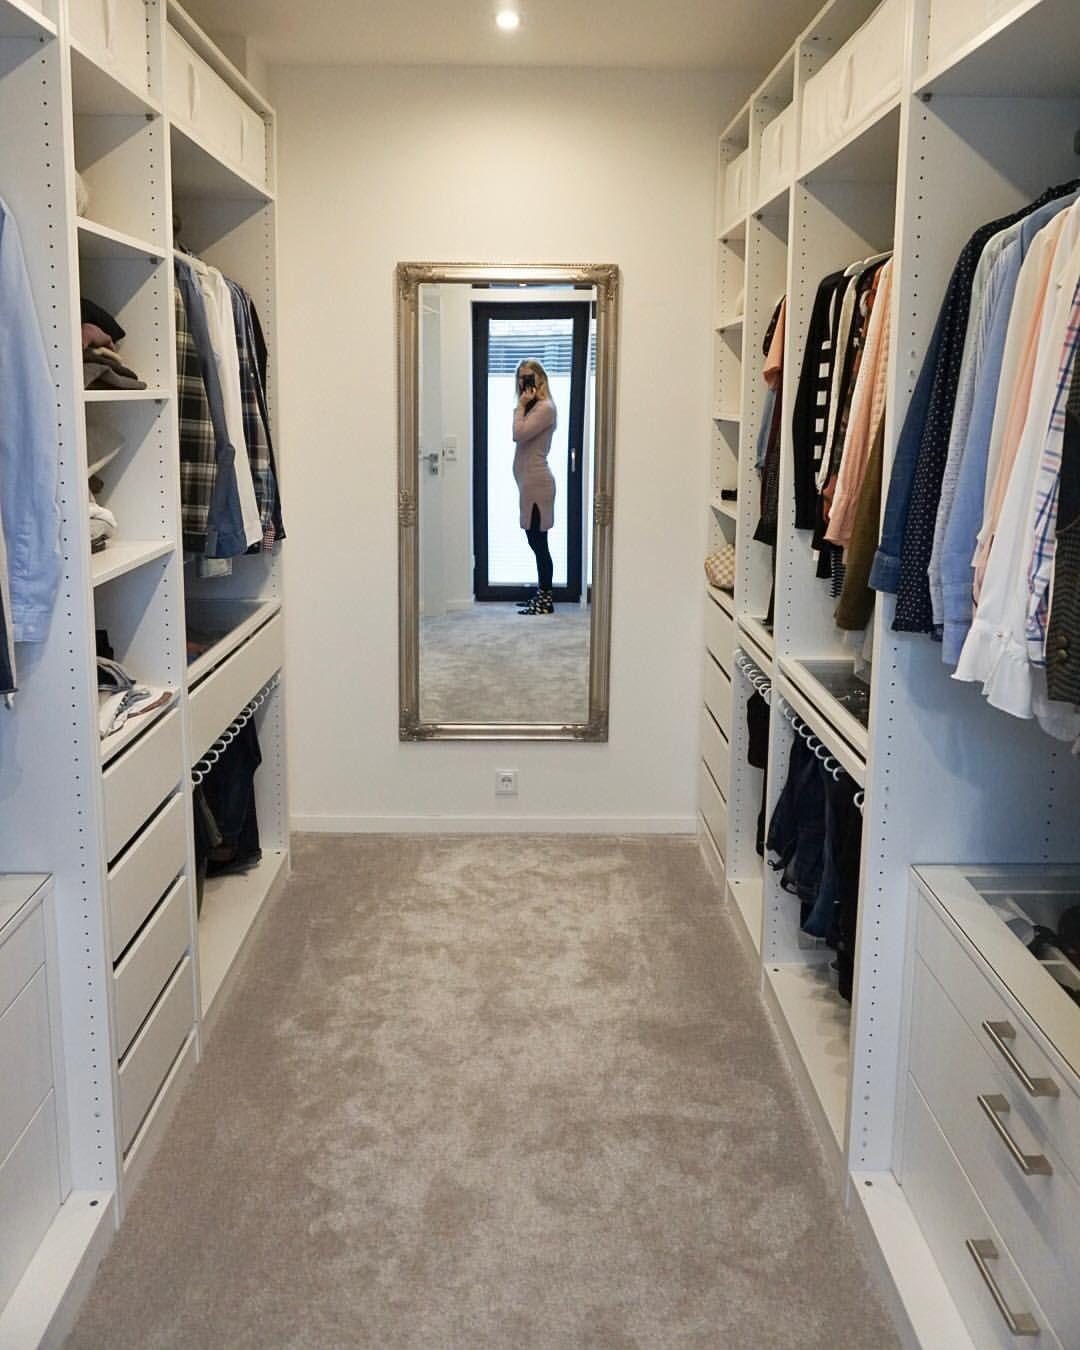 Ankleidezimmer Mit Spiegel-Bauch-Bild 😉 Die Ankleide Ist